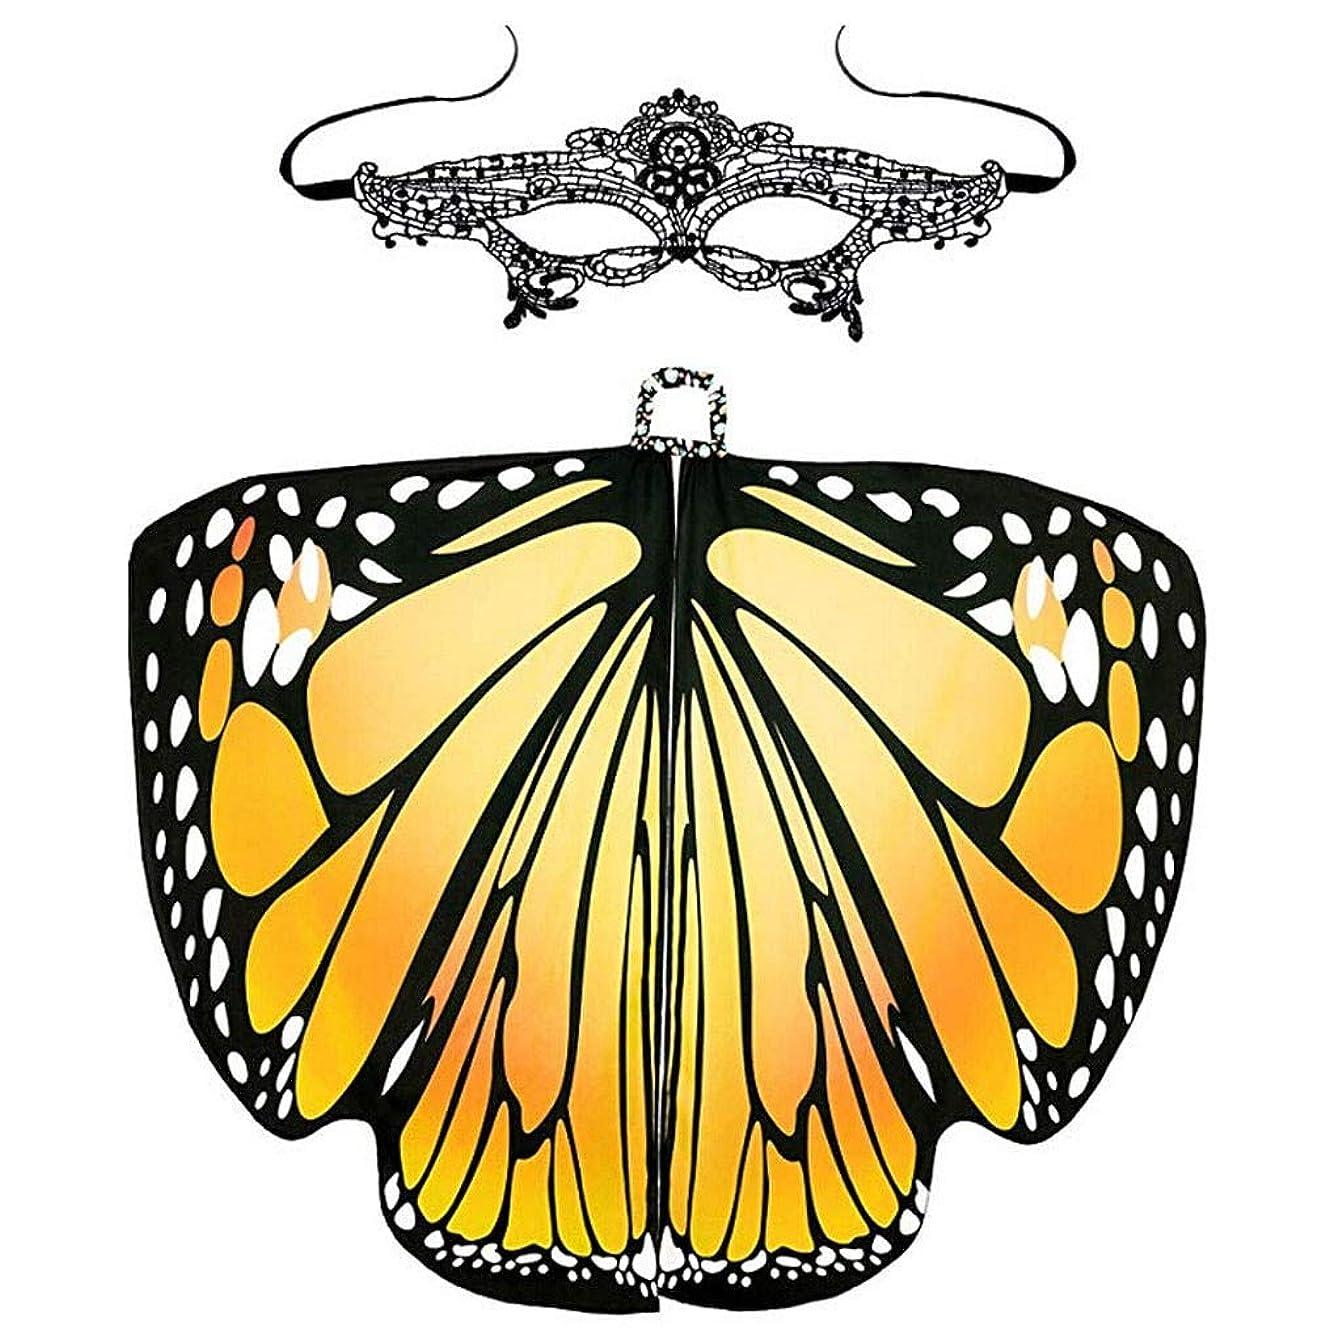 ハイブリッドカレッジ液化する注アウトトップ新しい高品質女性蝶の羽ショール妖精レディースマント付きマスク装飾用パーティーギフトファッション#30